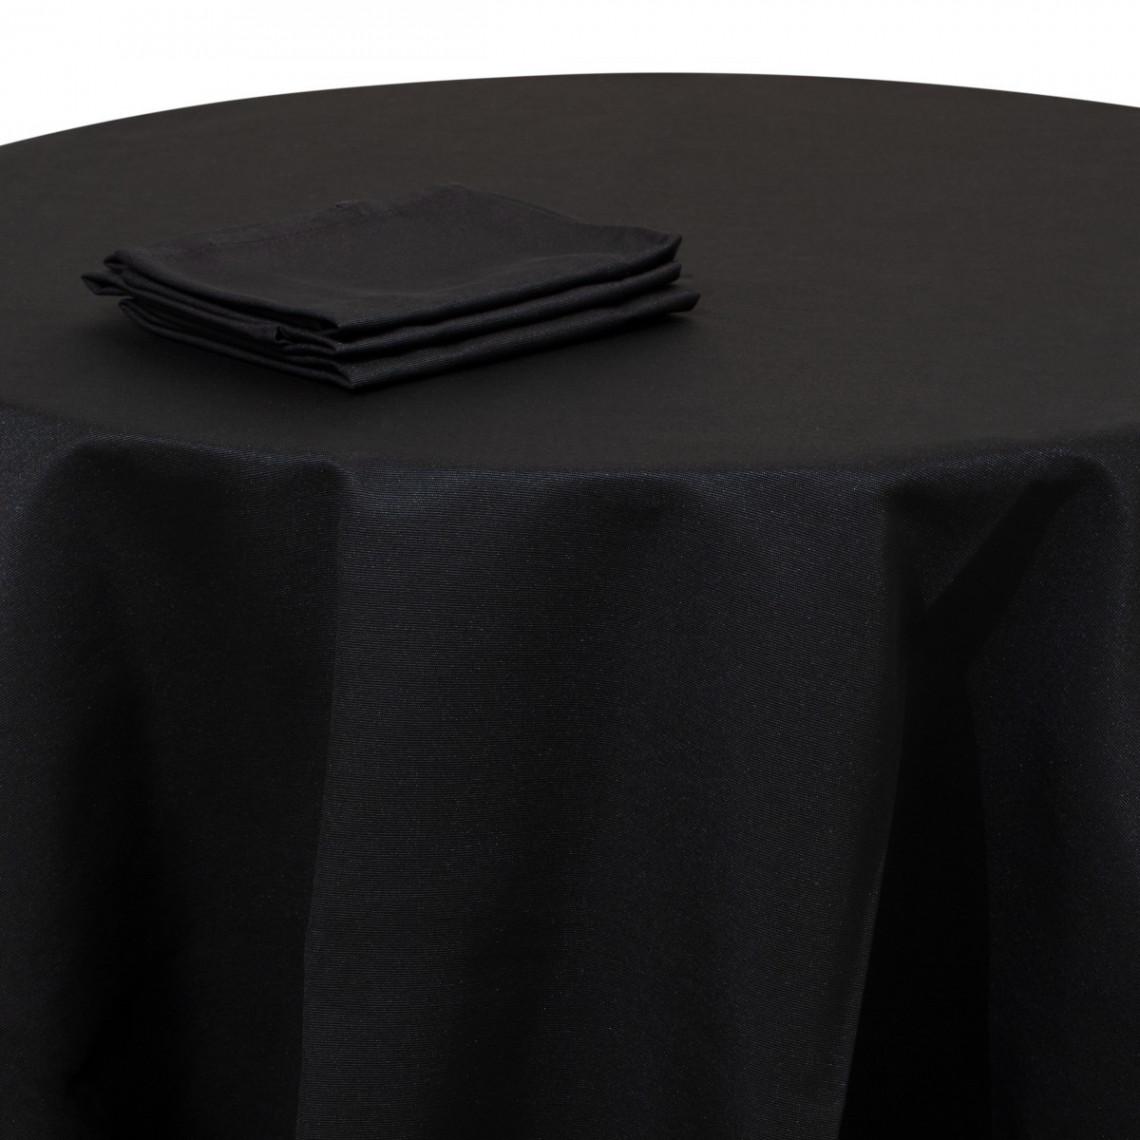 Nappe buffet Monarque noire (M1)